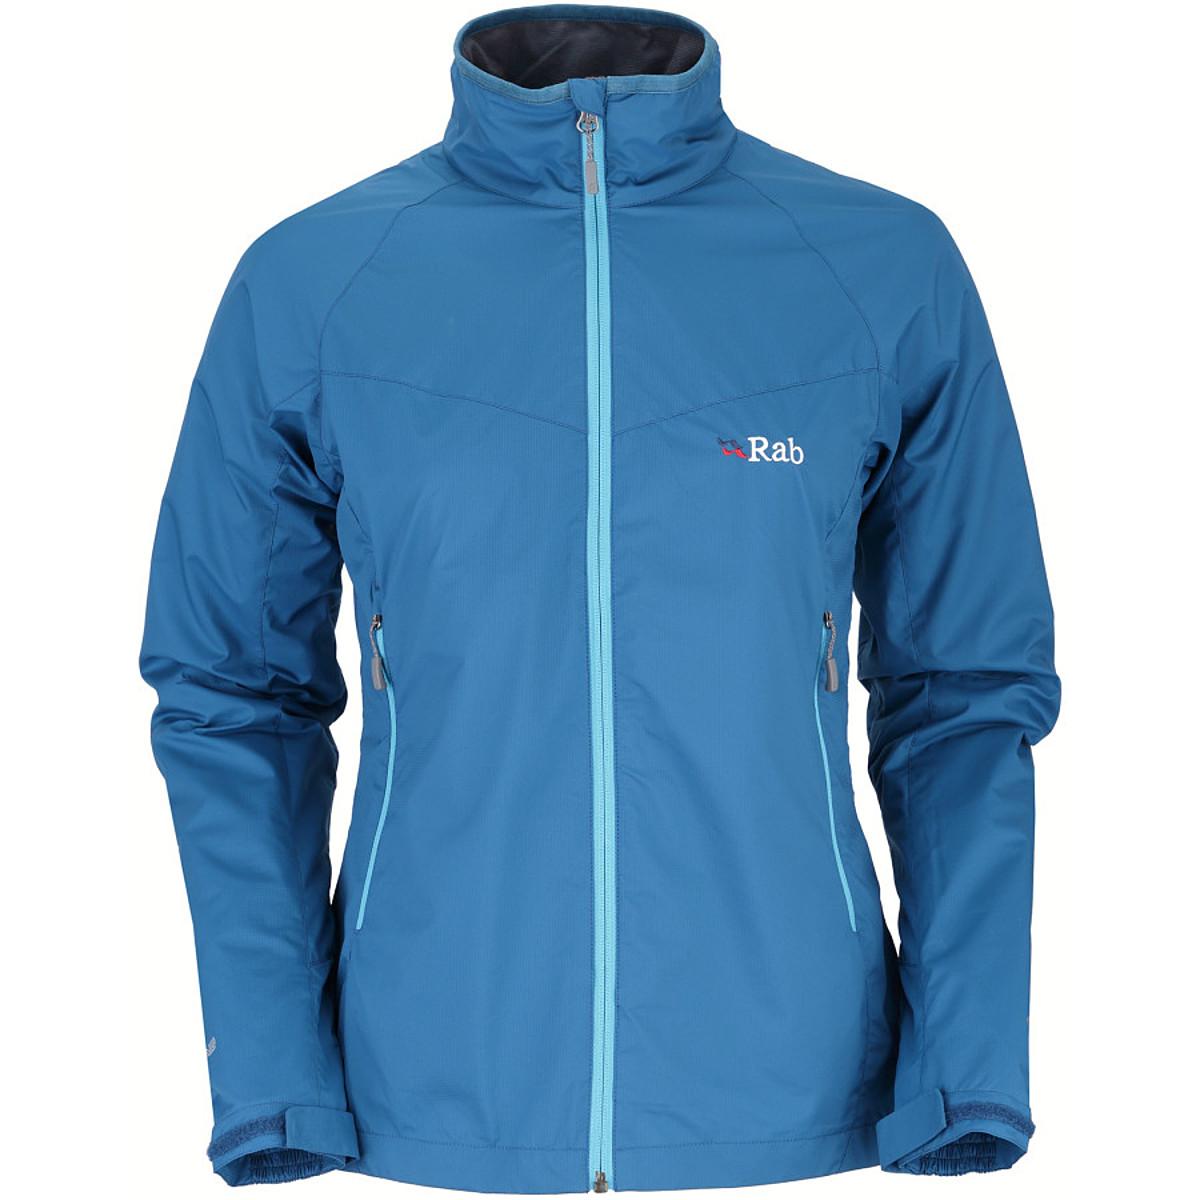 Rab Vapour-Rise Lite Jacket